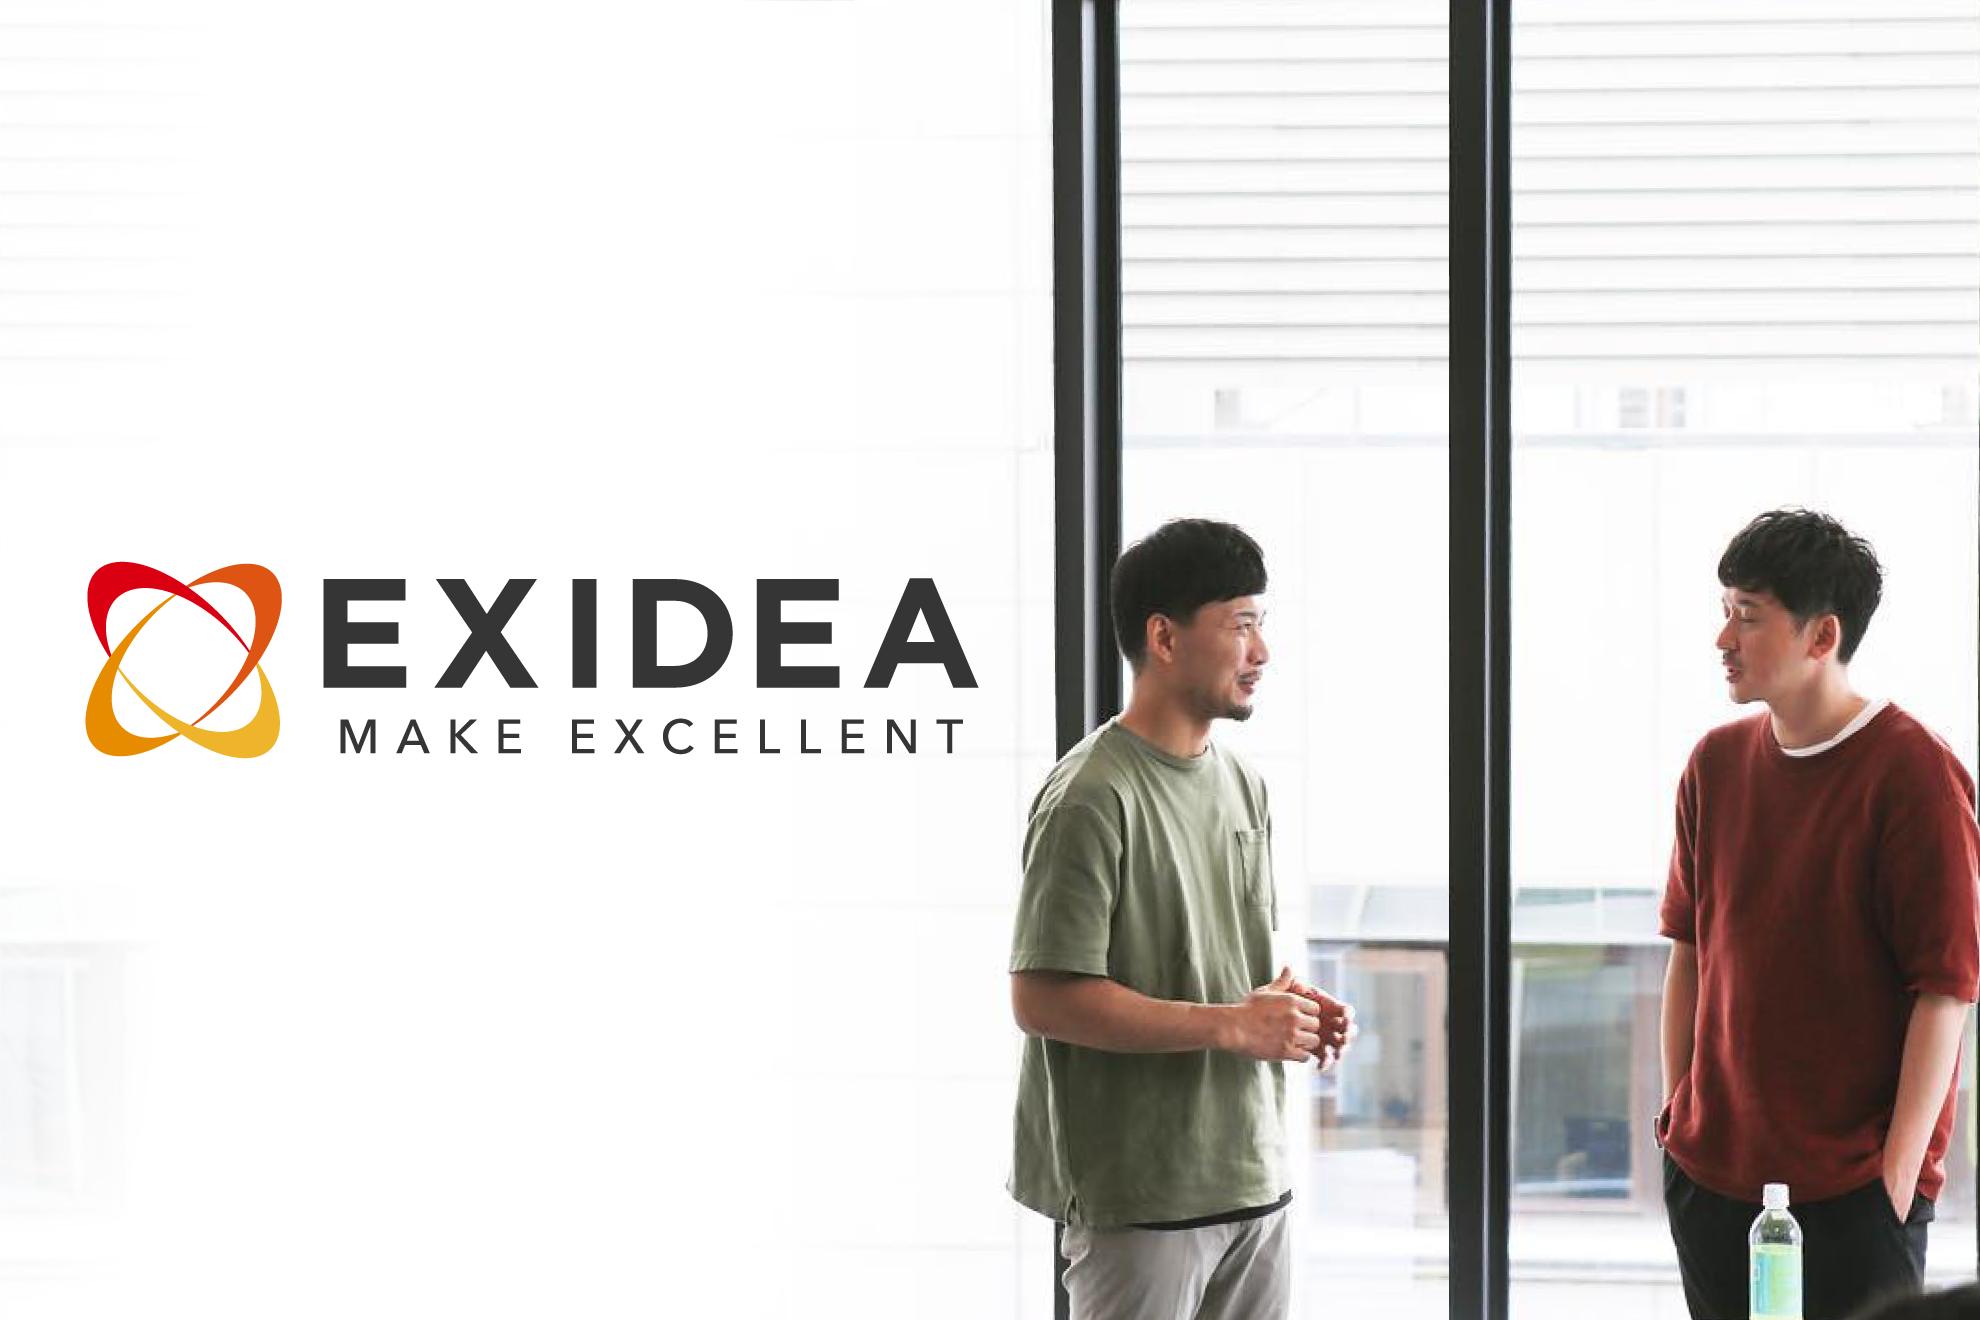 株式会社EXIDEAが運営するサイト内のアイキャッチやバナーデザインおよび広告出稿用LP制作業務